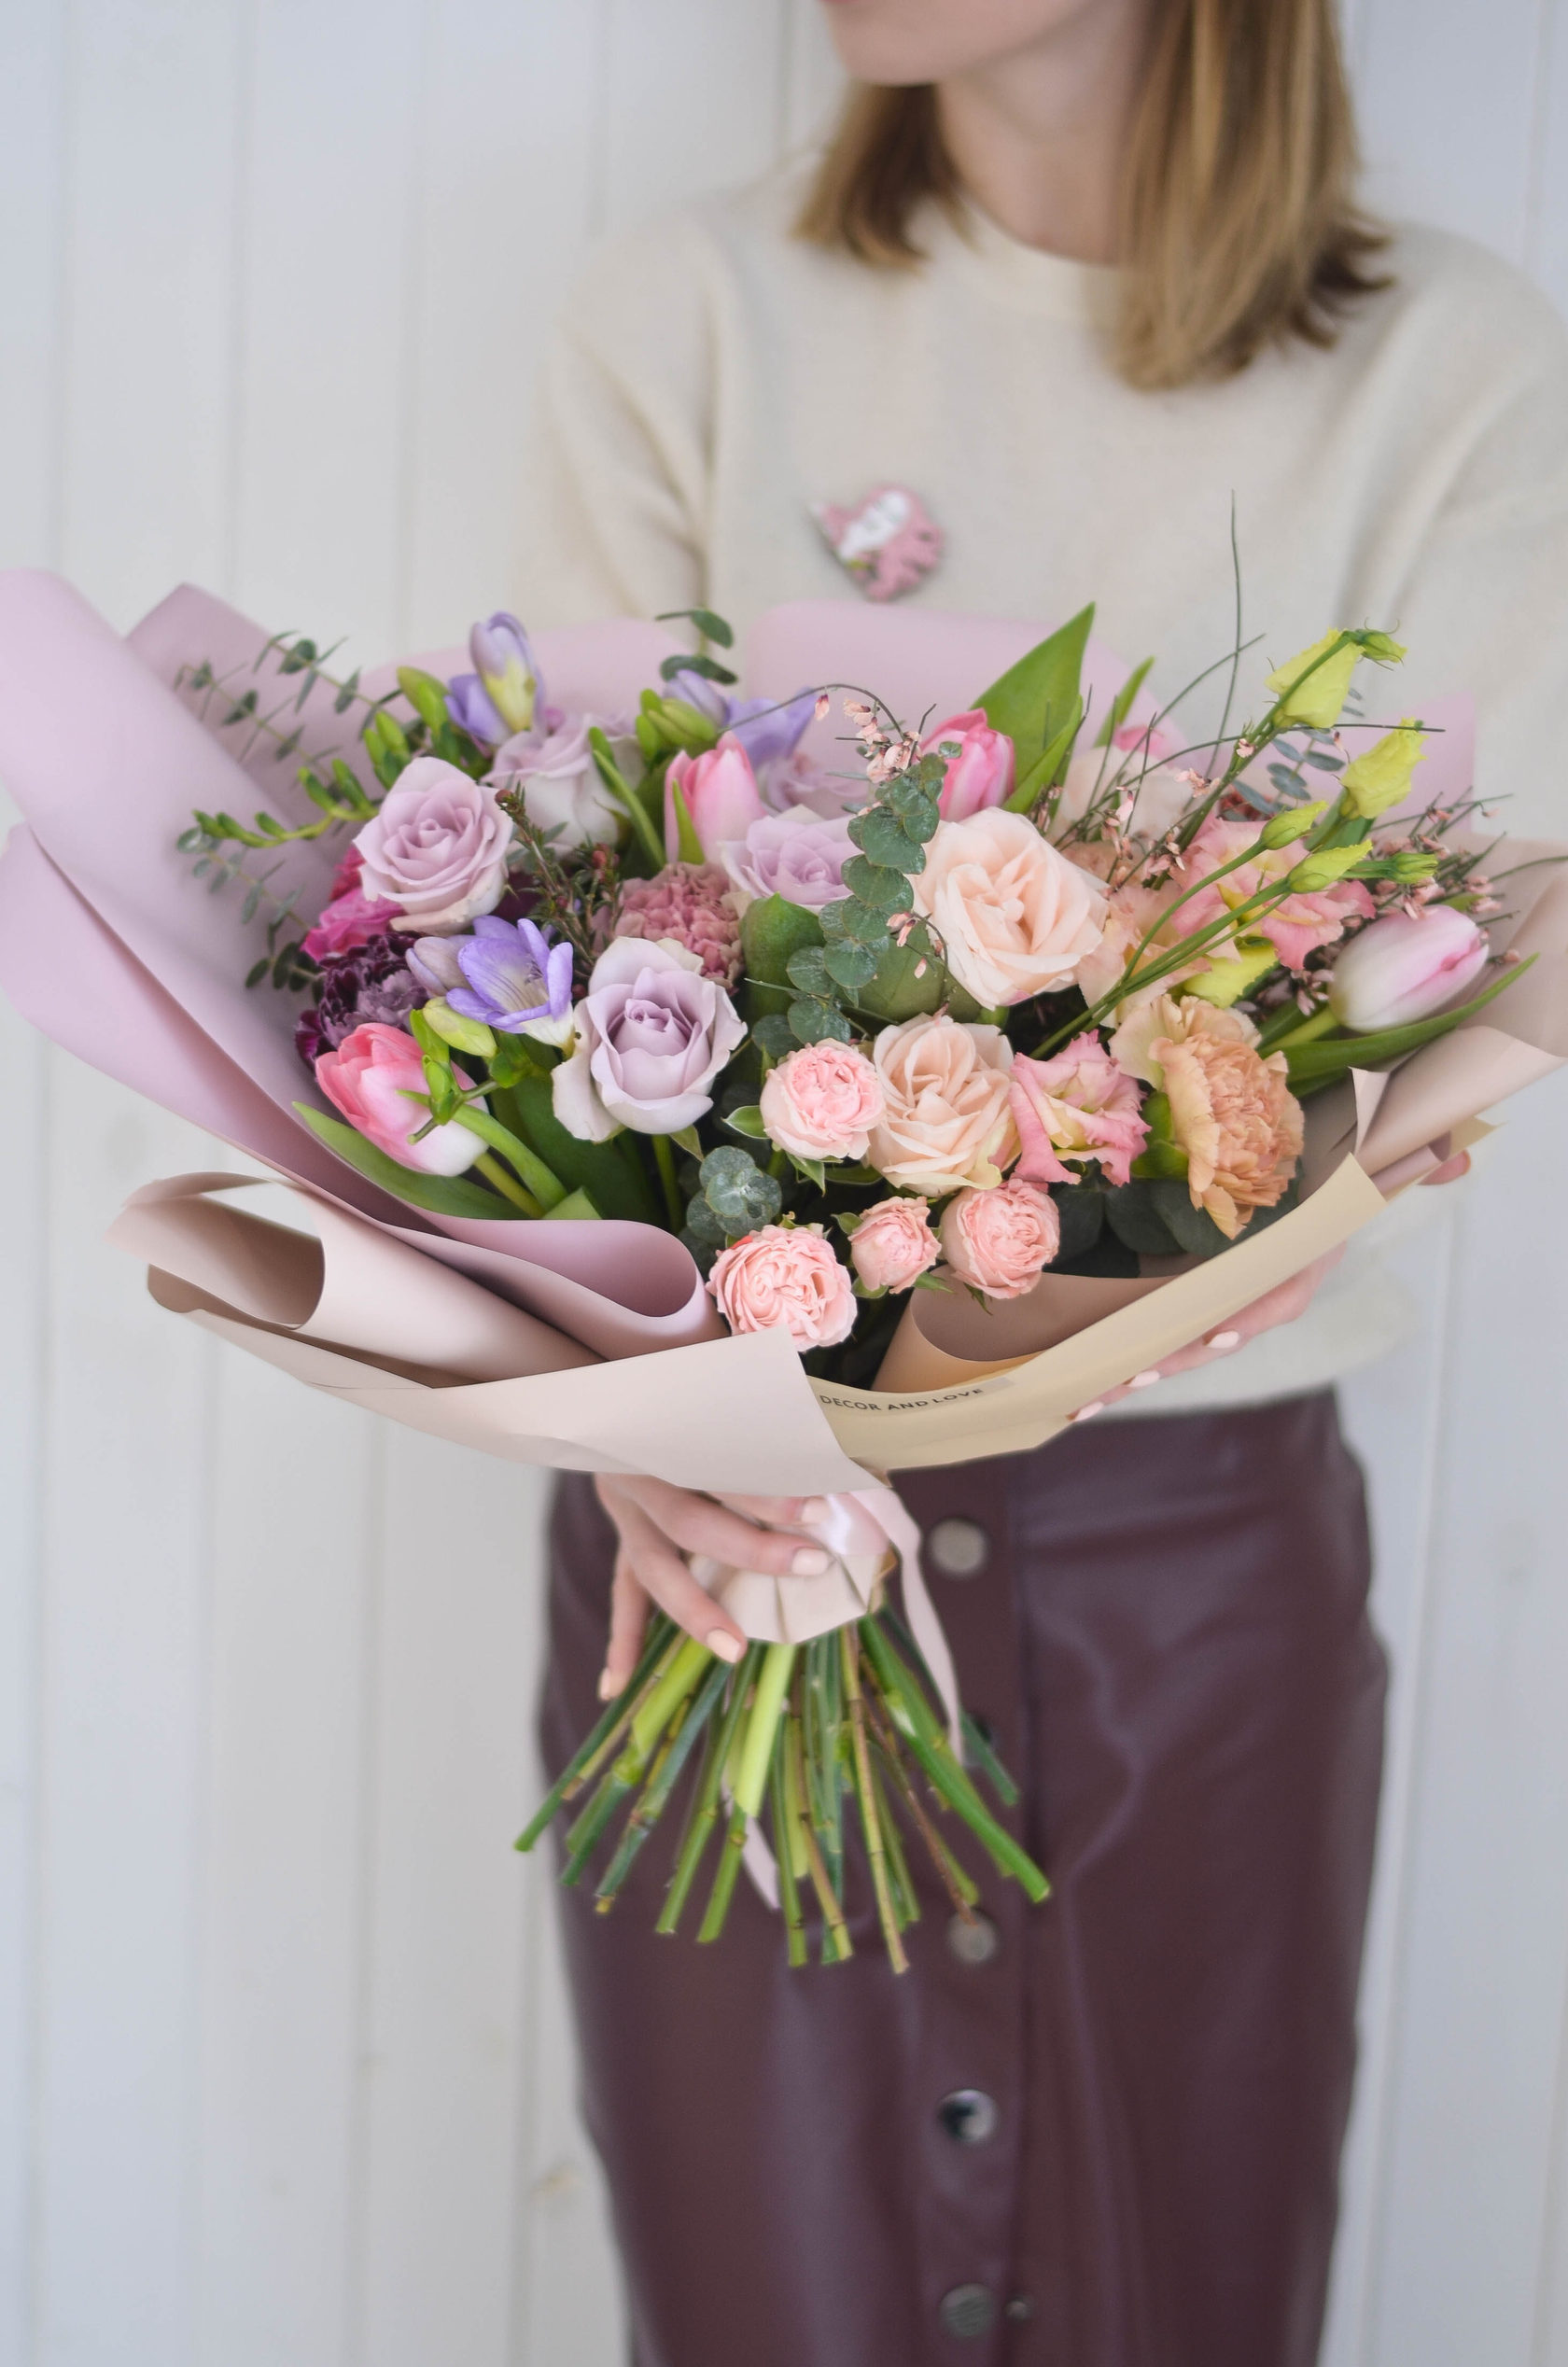 Заказать доставку цветов в минске с оплатой по интернету, доставка